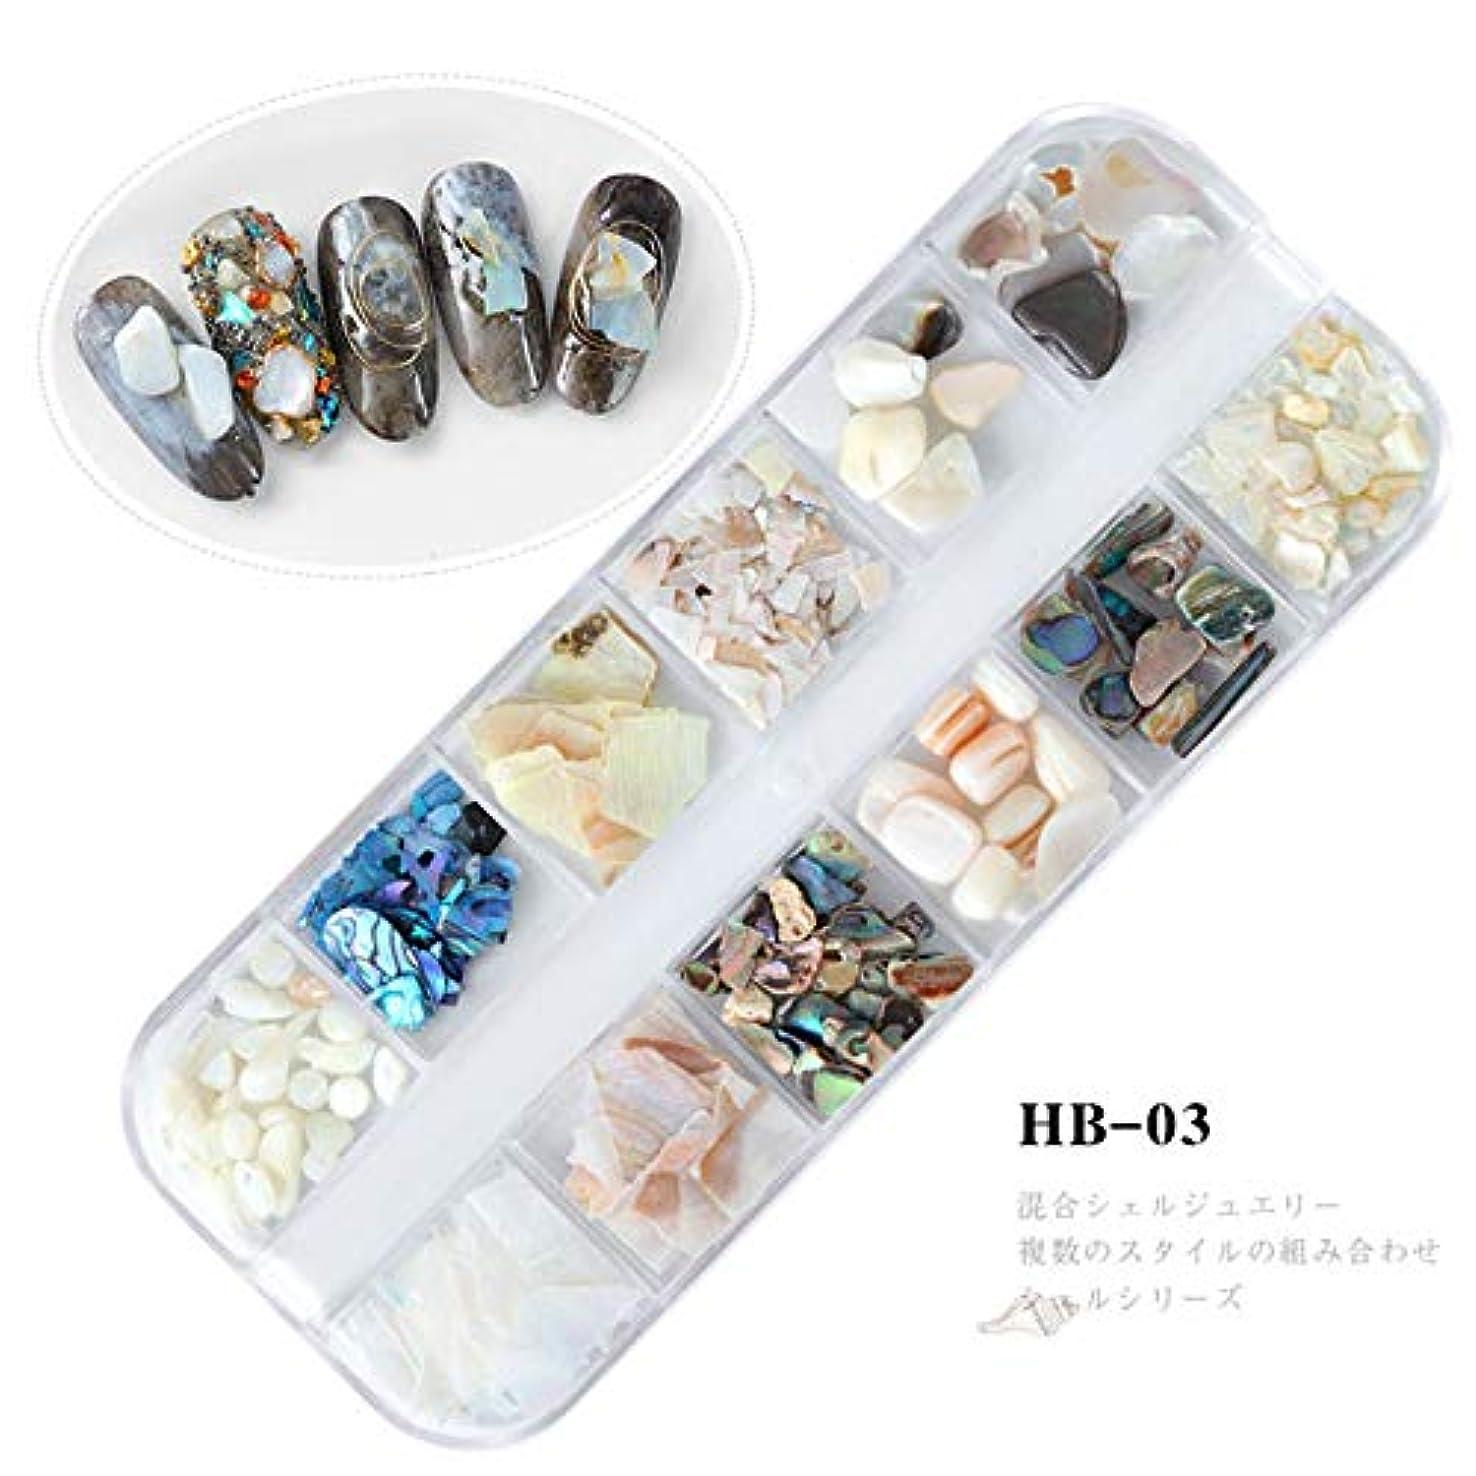 仕出します花出版1箱ミックス自然の海シェルアワビのスライスグラデーション砕石3Dネイルアートの装飾UVジェルデザインマニキュアアクセサリー,3